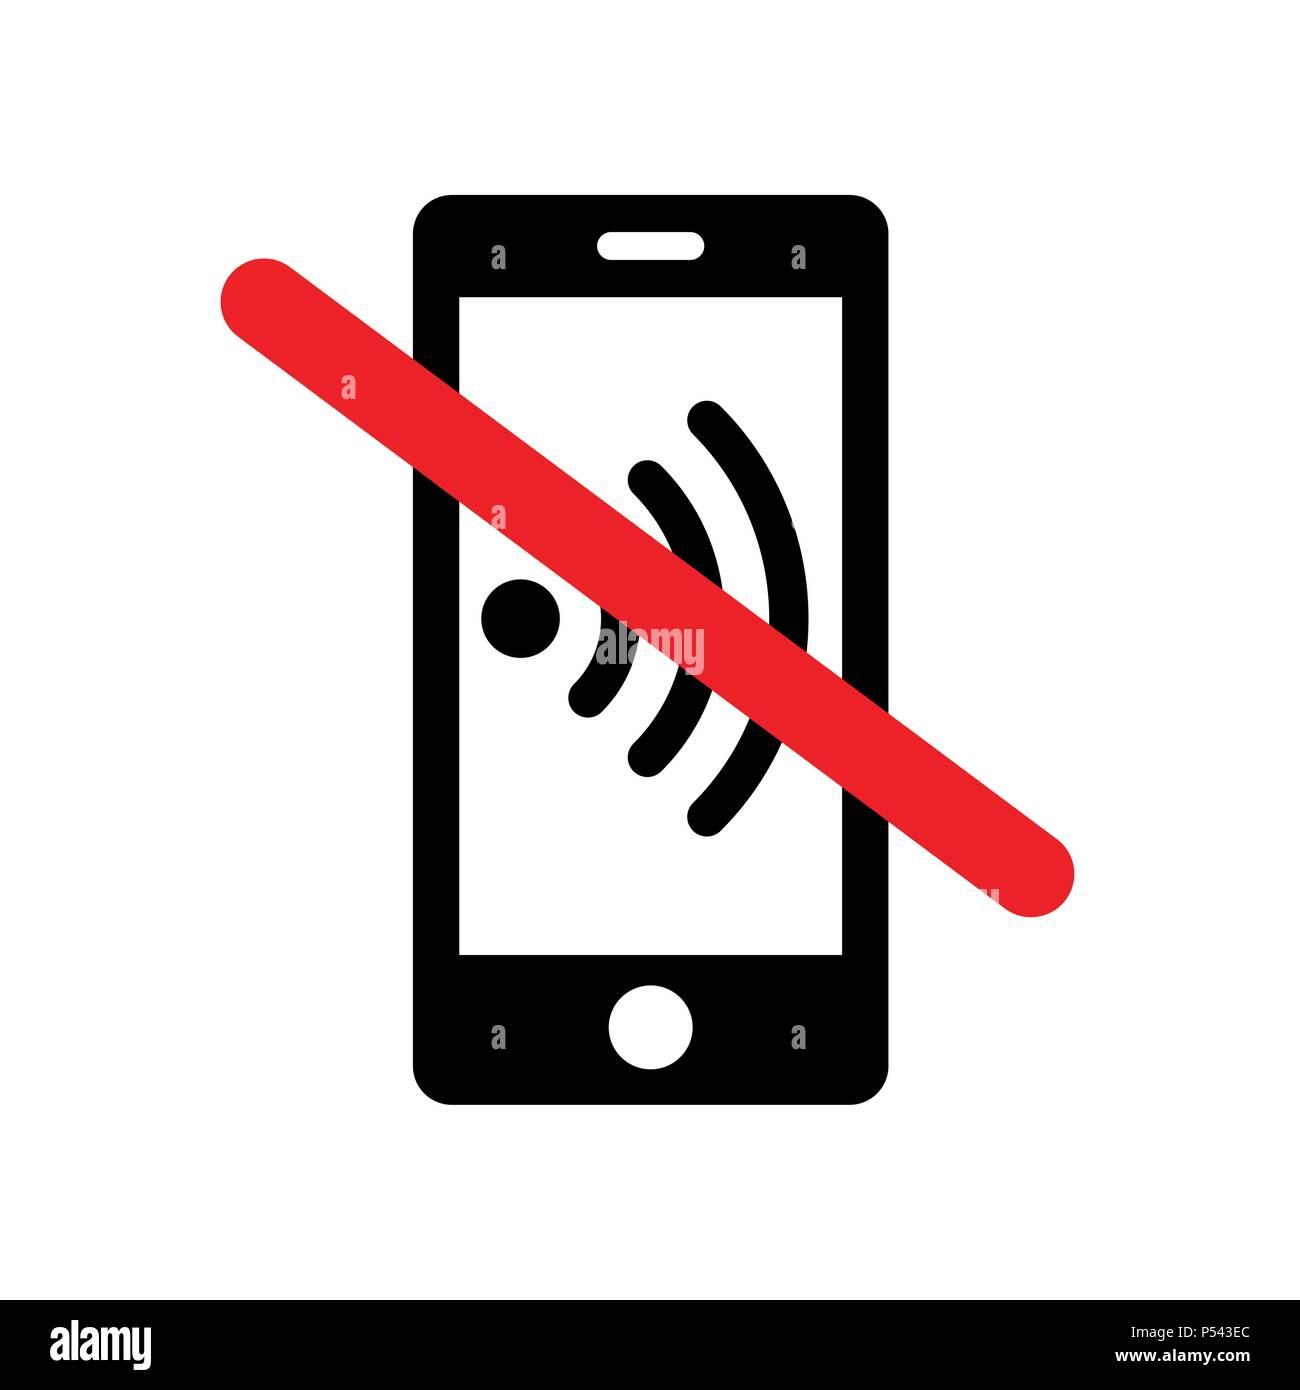 Si prega di disattivare la suoneria del telefono mobile - segno di avvertimento Immagini Stock